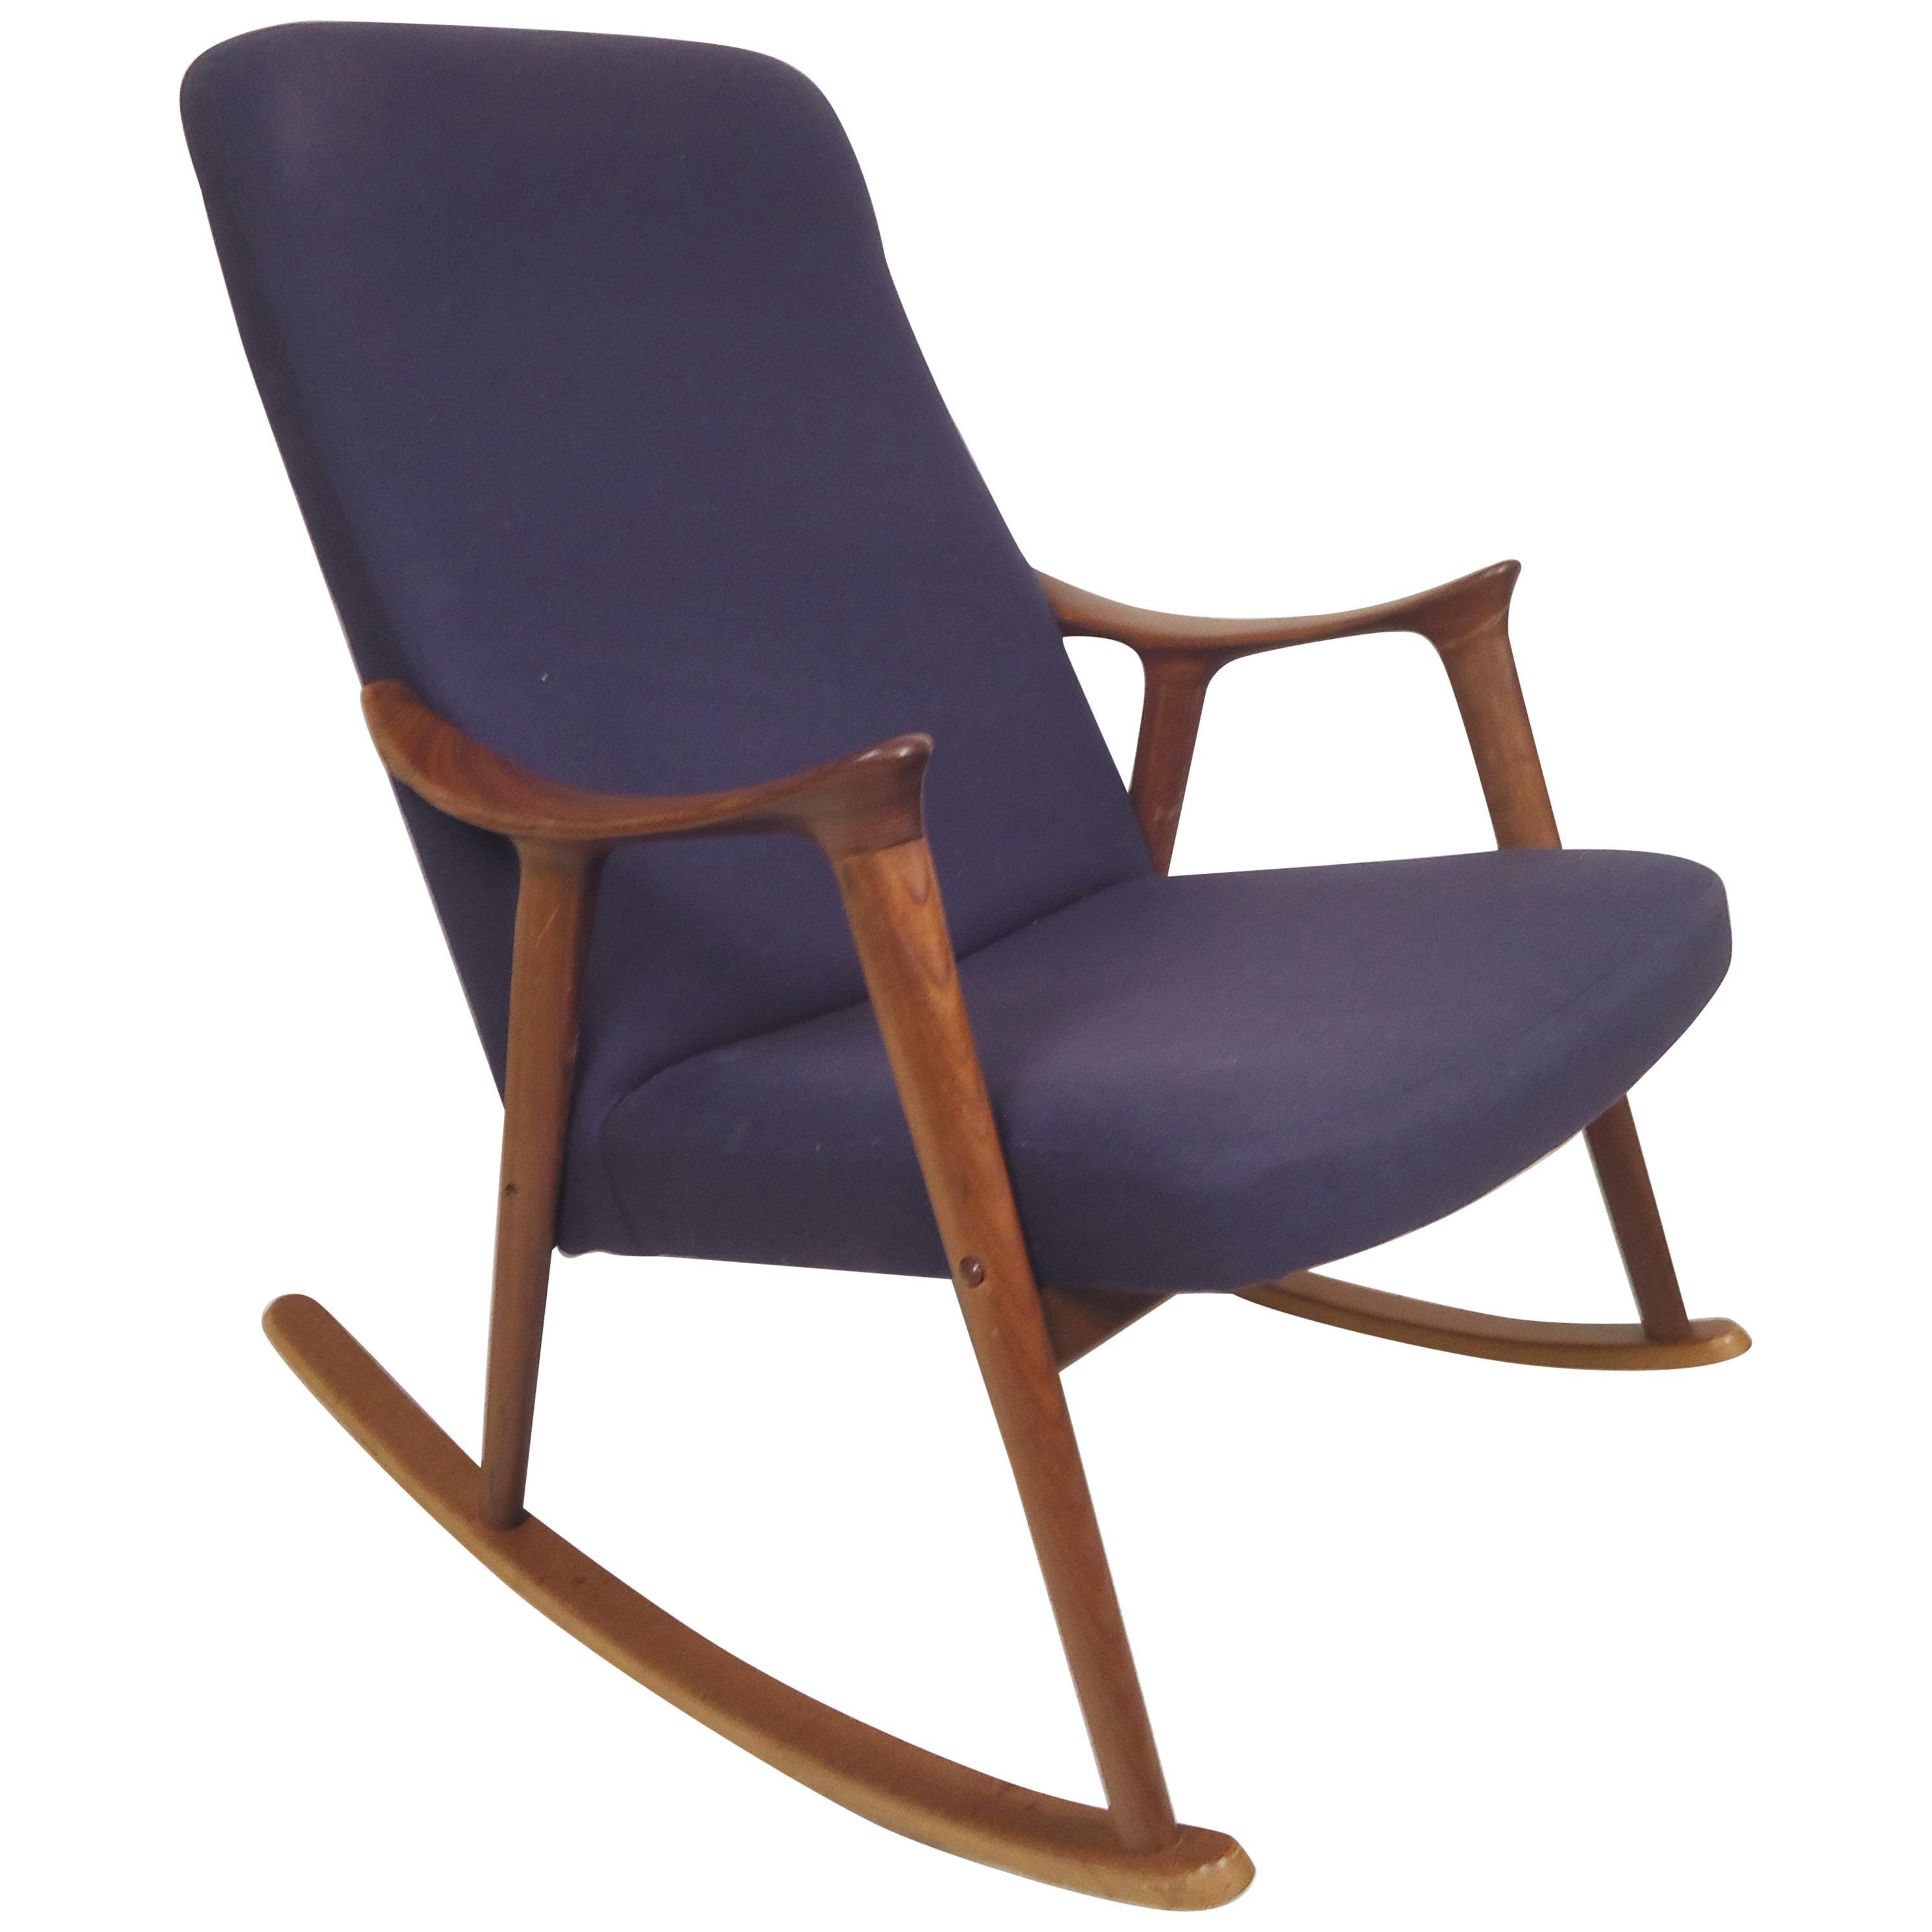 Danish Midcentury Rocking Chair